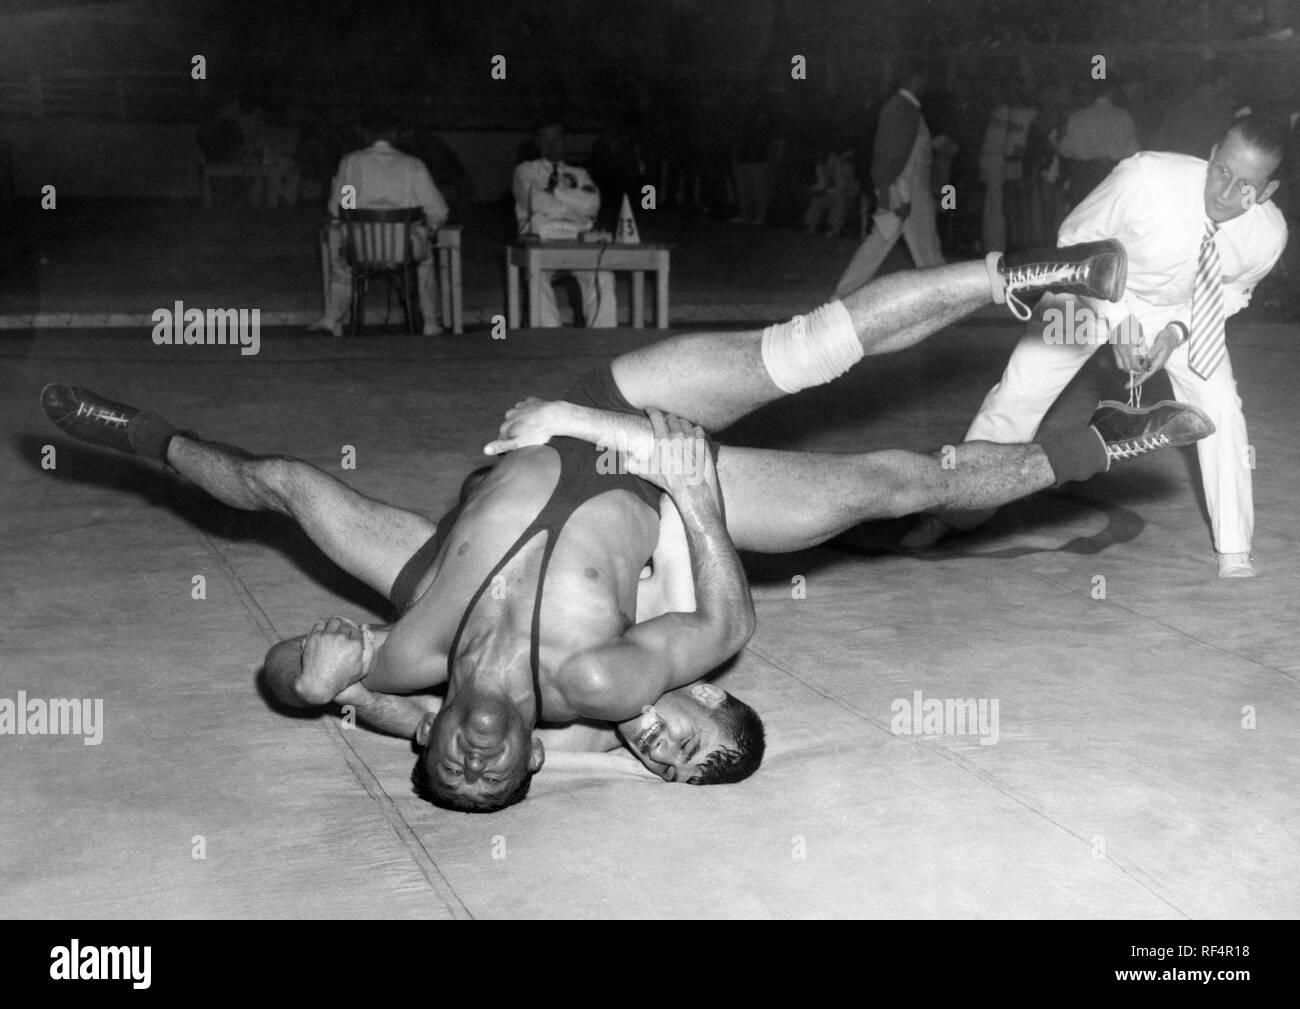 greco roman wrestling, kartoziga-nemeti, 1953 Stock Photo